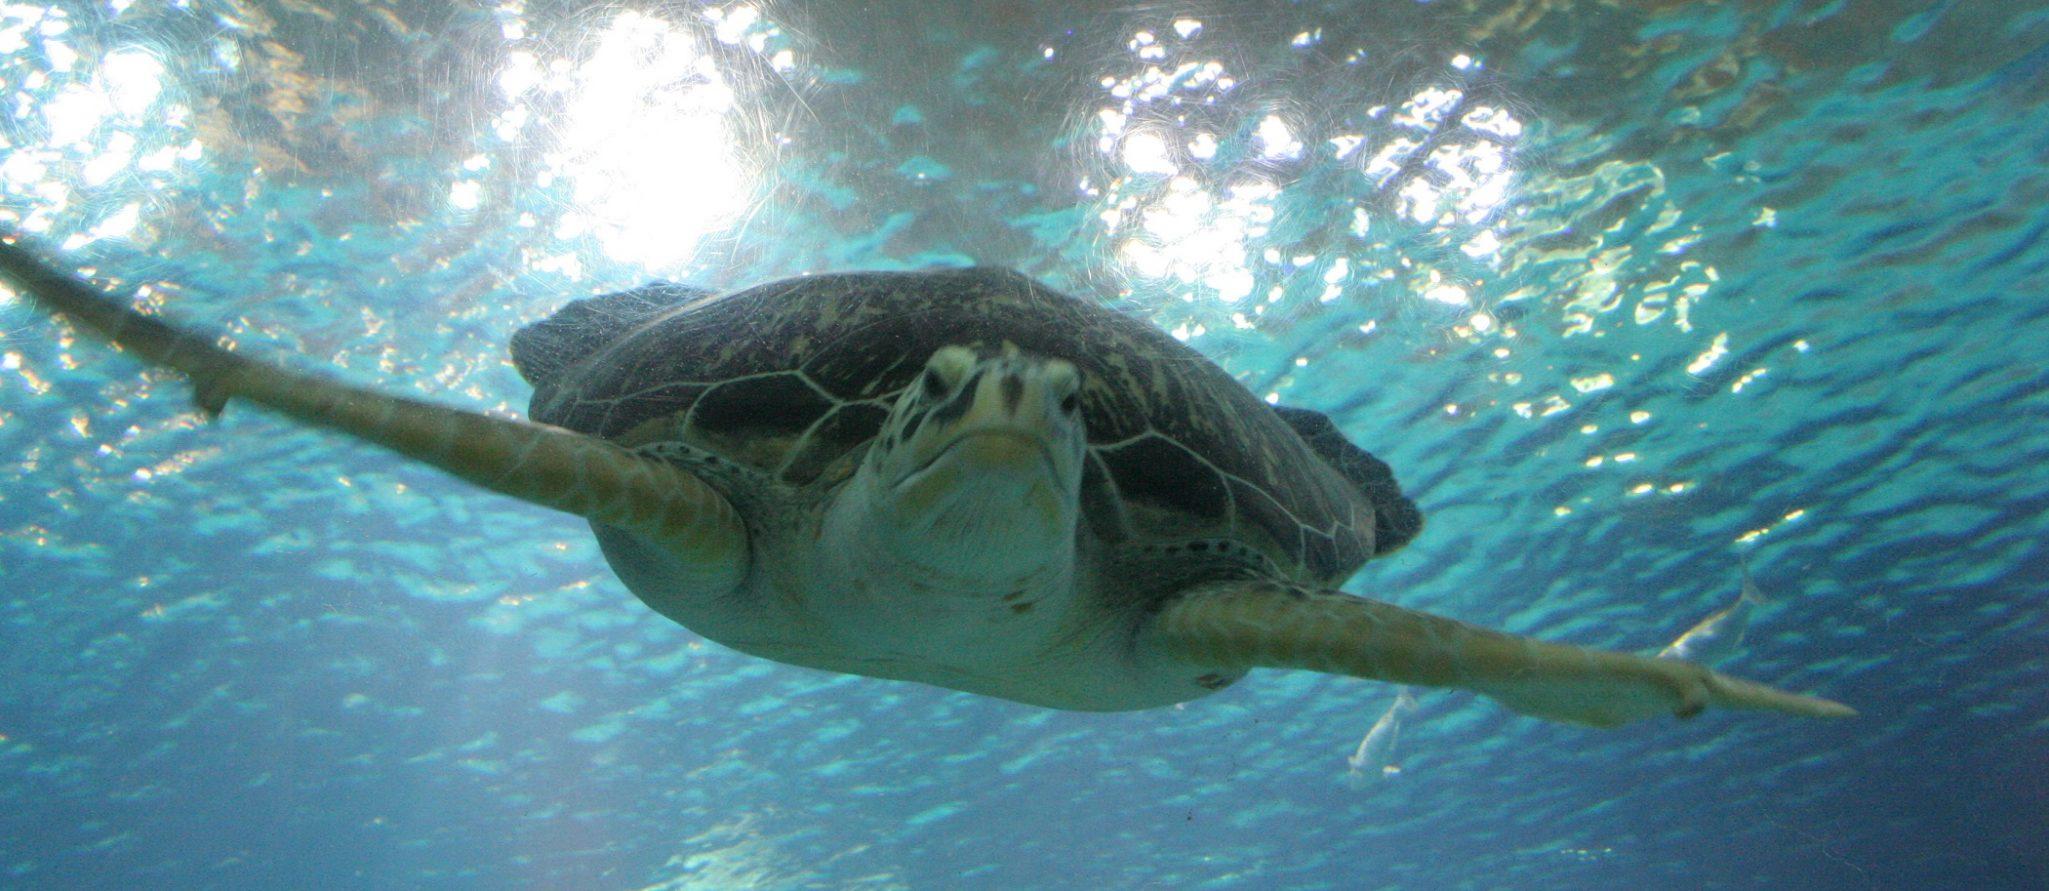 groene zeeschildpad kijk je aan in de haaientunnel van het Oceanium